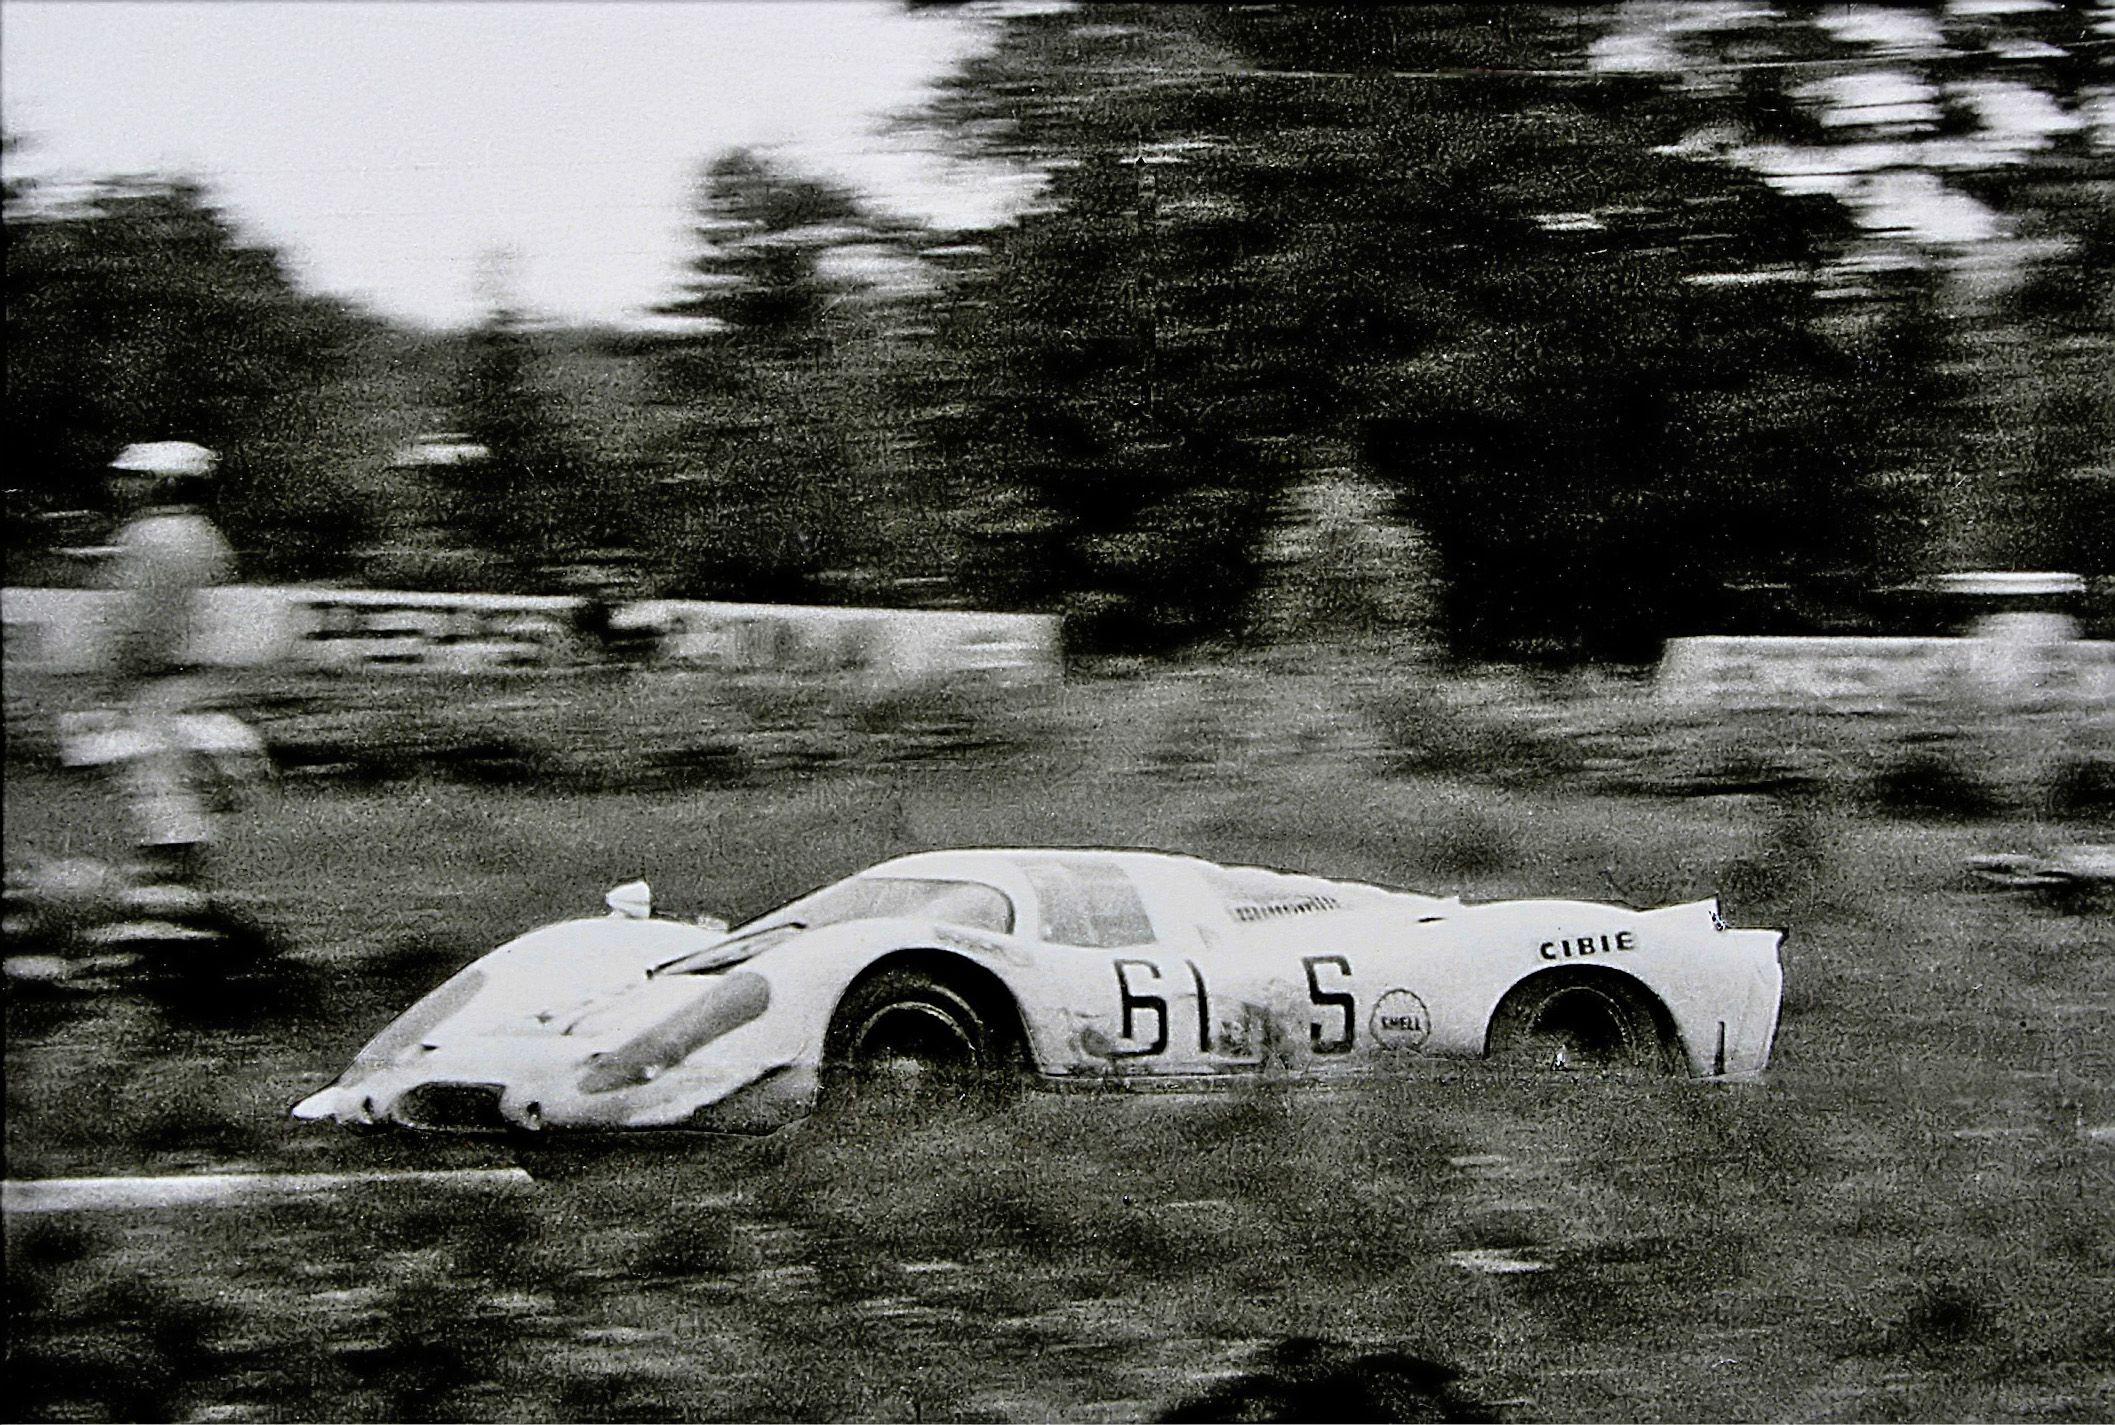 1969-06-01_Porsche_917.jpg (2115×1425)